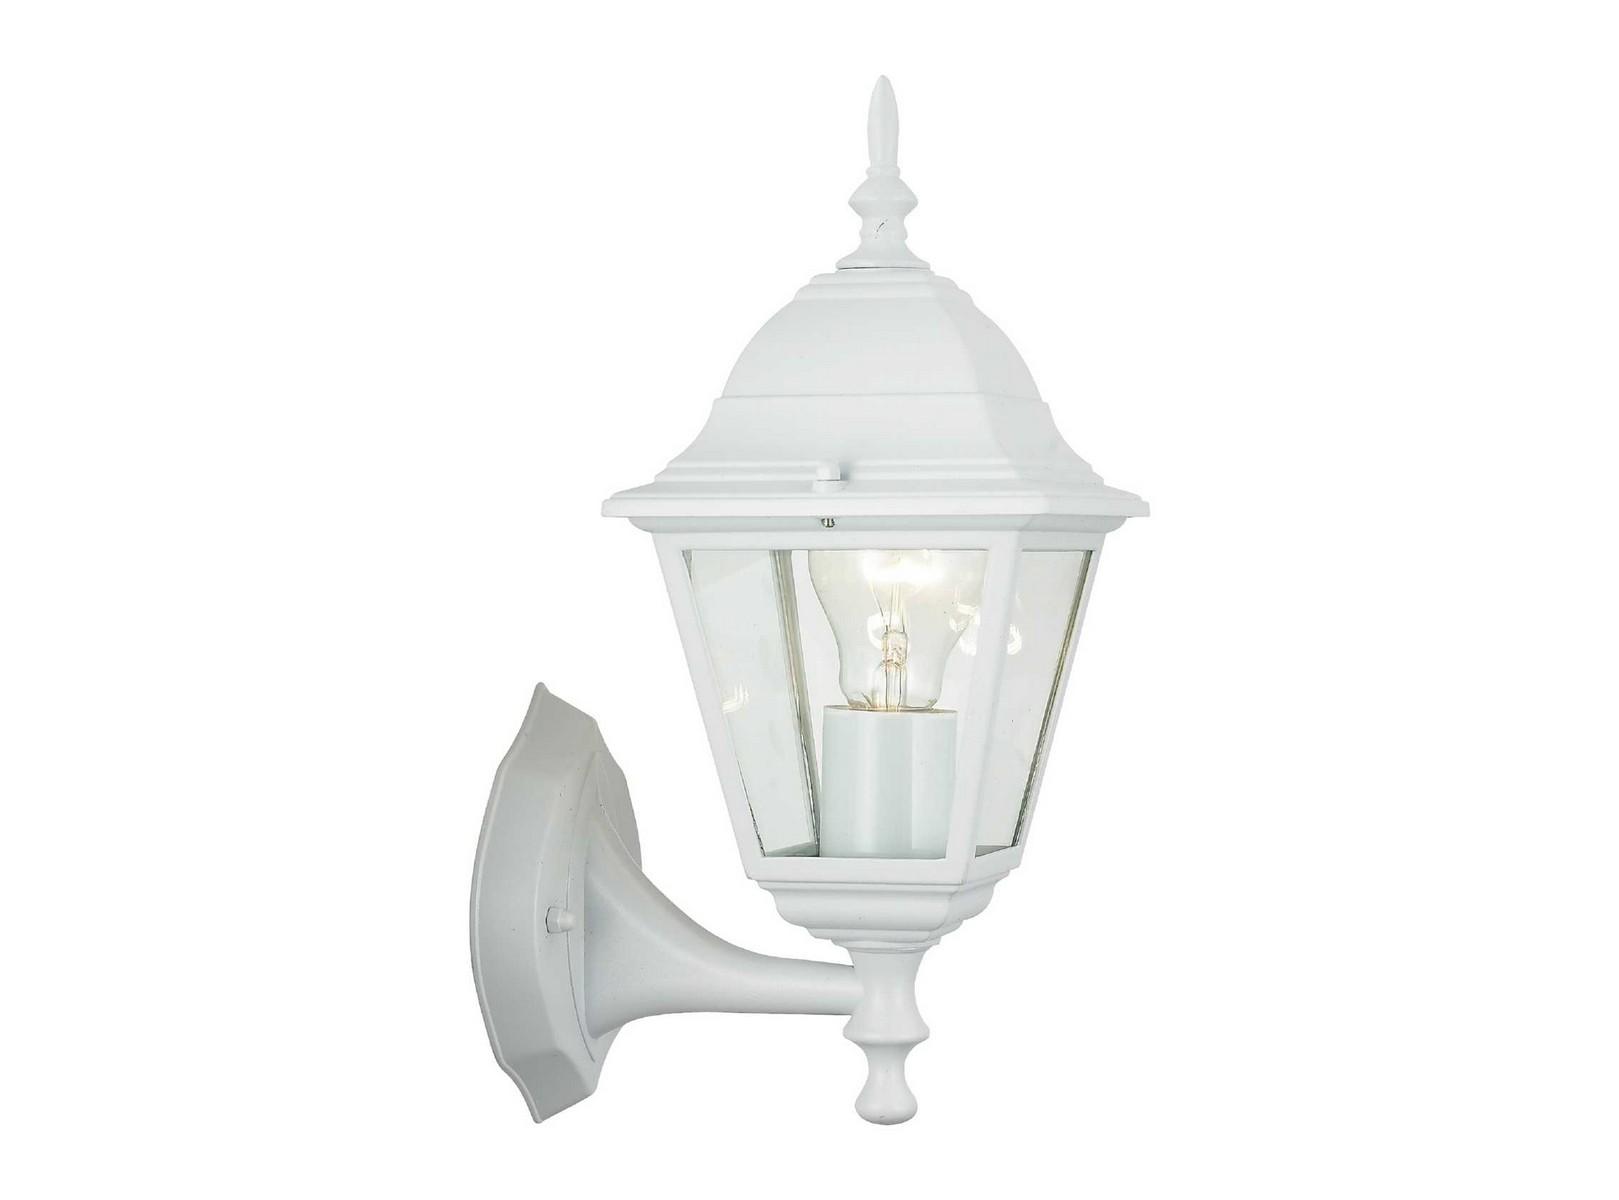 Светильник уличный NEWPORTУличные настенные светильники<br>&amp;lt;div&amp;gt;Вид цоколя: Е27&amp;lt;/div&amp;gt;&amp;lt;div&amp;gt;Мощность лампы: 60W&amp;lt;/div&amp;gt;&amp;lt;div&amp;gt;Количество ламп: 1&amp;lt;/div&amp;gt;&amp;lt;div&amp;gt;Наличие ламп: нет&amp;lt;/div&amp;gt;<br><br>Material: Стекло<br>Width см: 16<br>Depth см: 22<br>Height см: 34